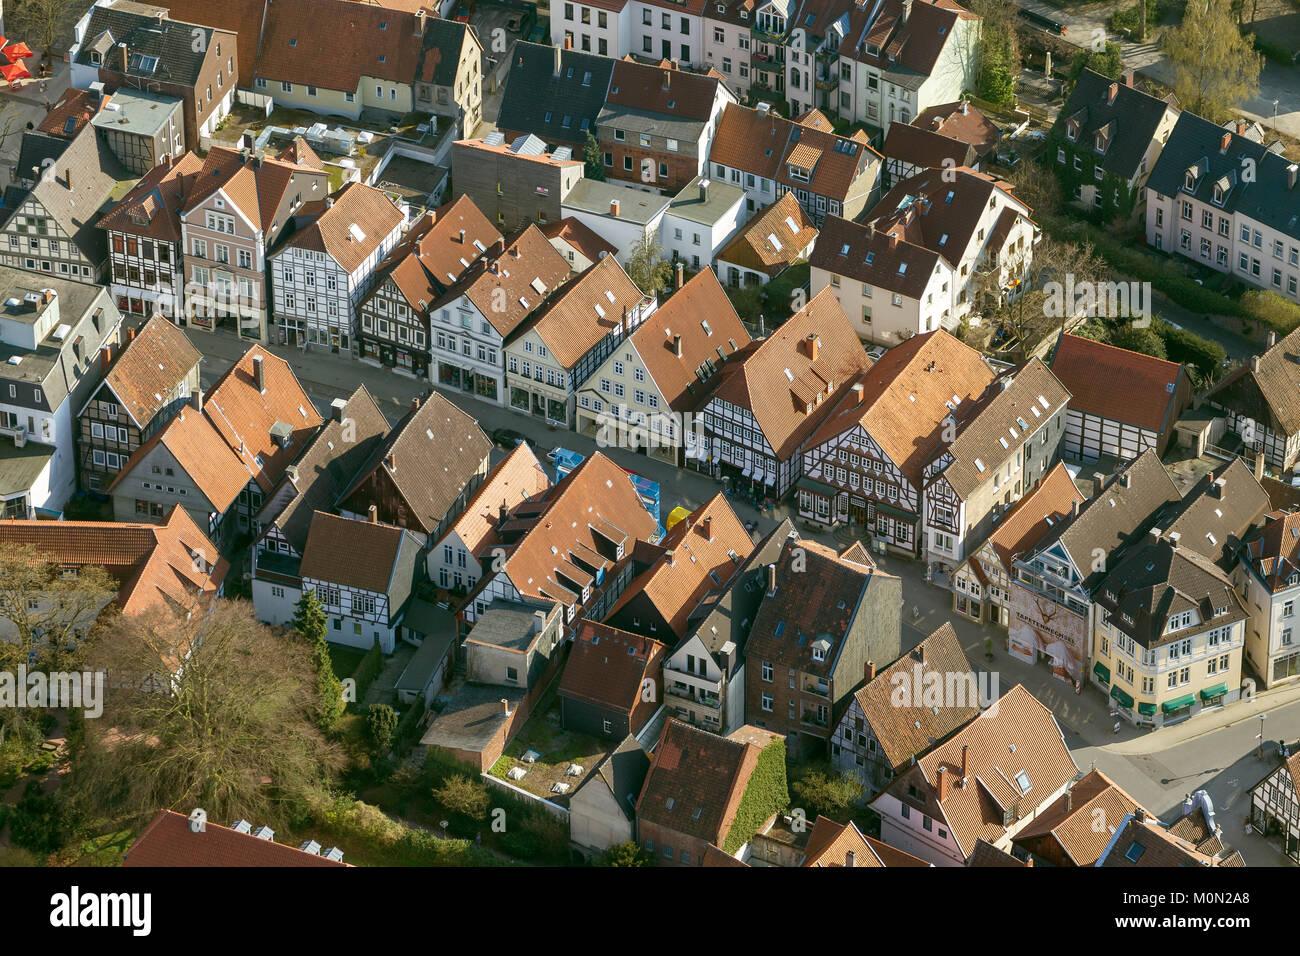 Krummestraße avec maisons à colombages, photographie aérienne de Detmold, Düsseldorf, Rhénanie du Nord-Westphalie, Allemagne, Europe, vue aérienne, les oiseaux-lunettes de vue, Banque D'Images